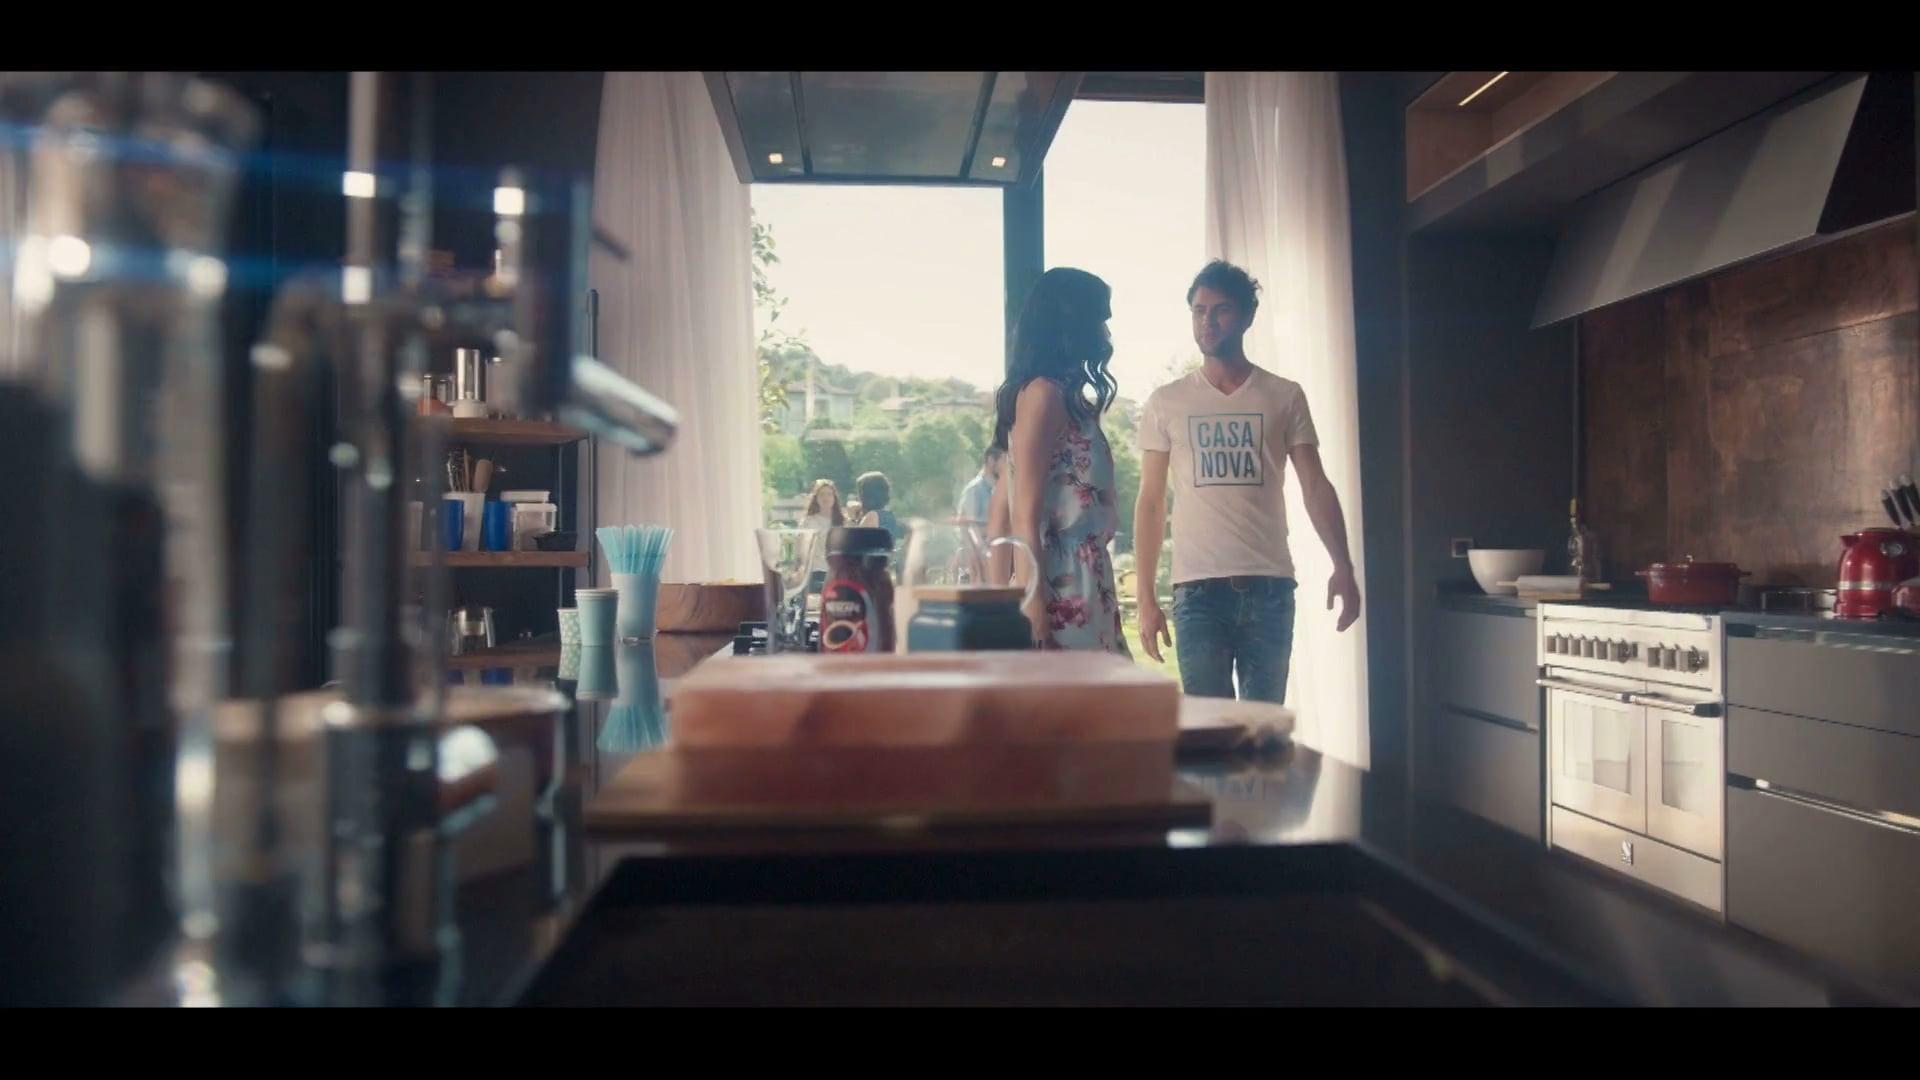 Umut Aral - Nescafe Ice  - Casanova (Director's Cut)